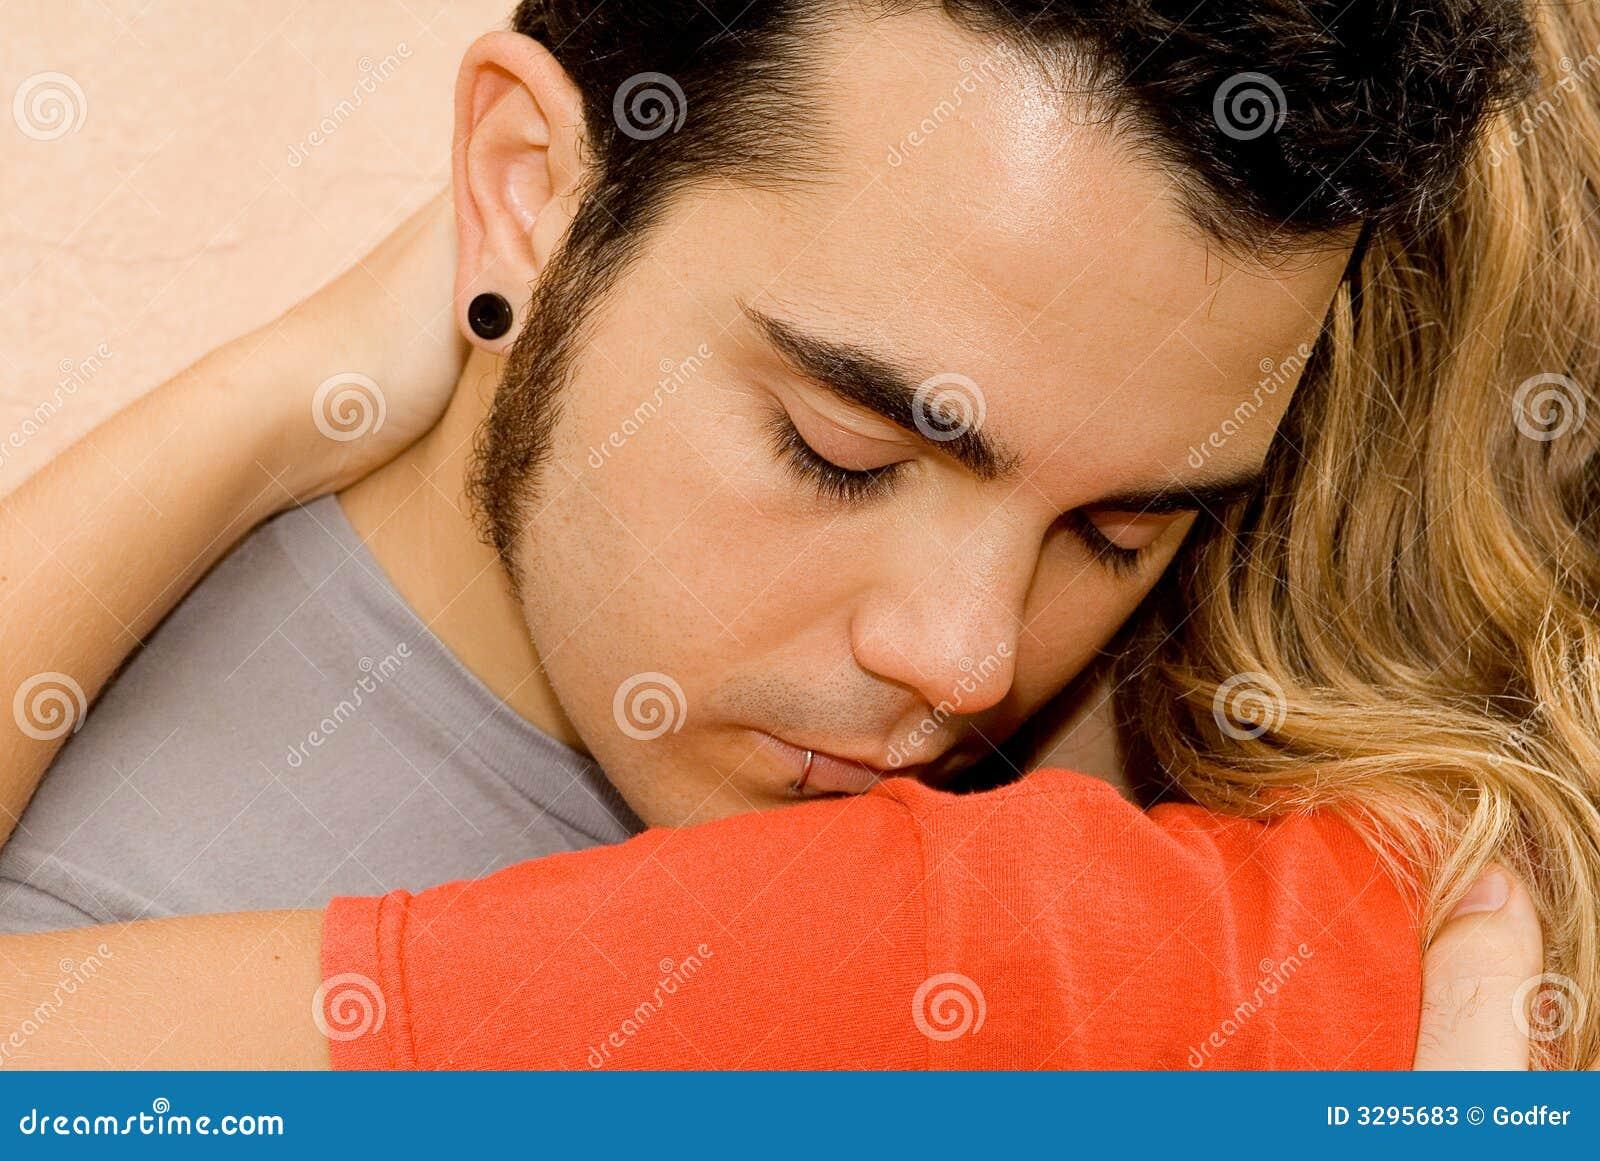 Sad young couple, man